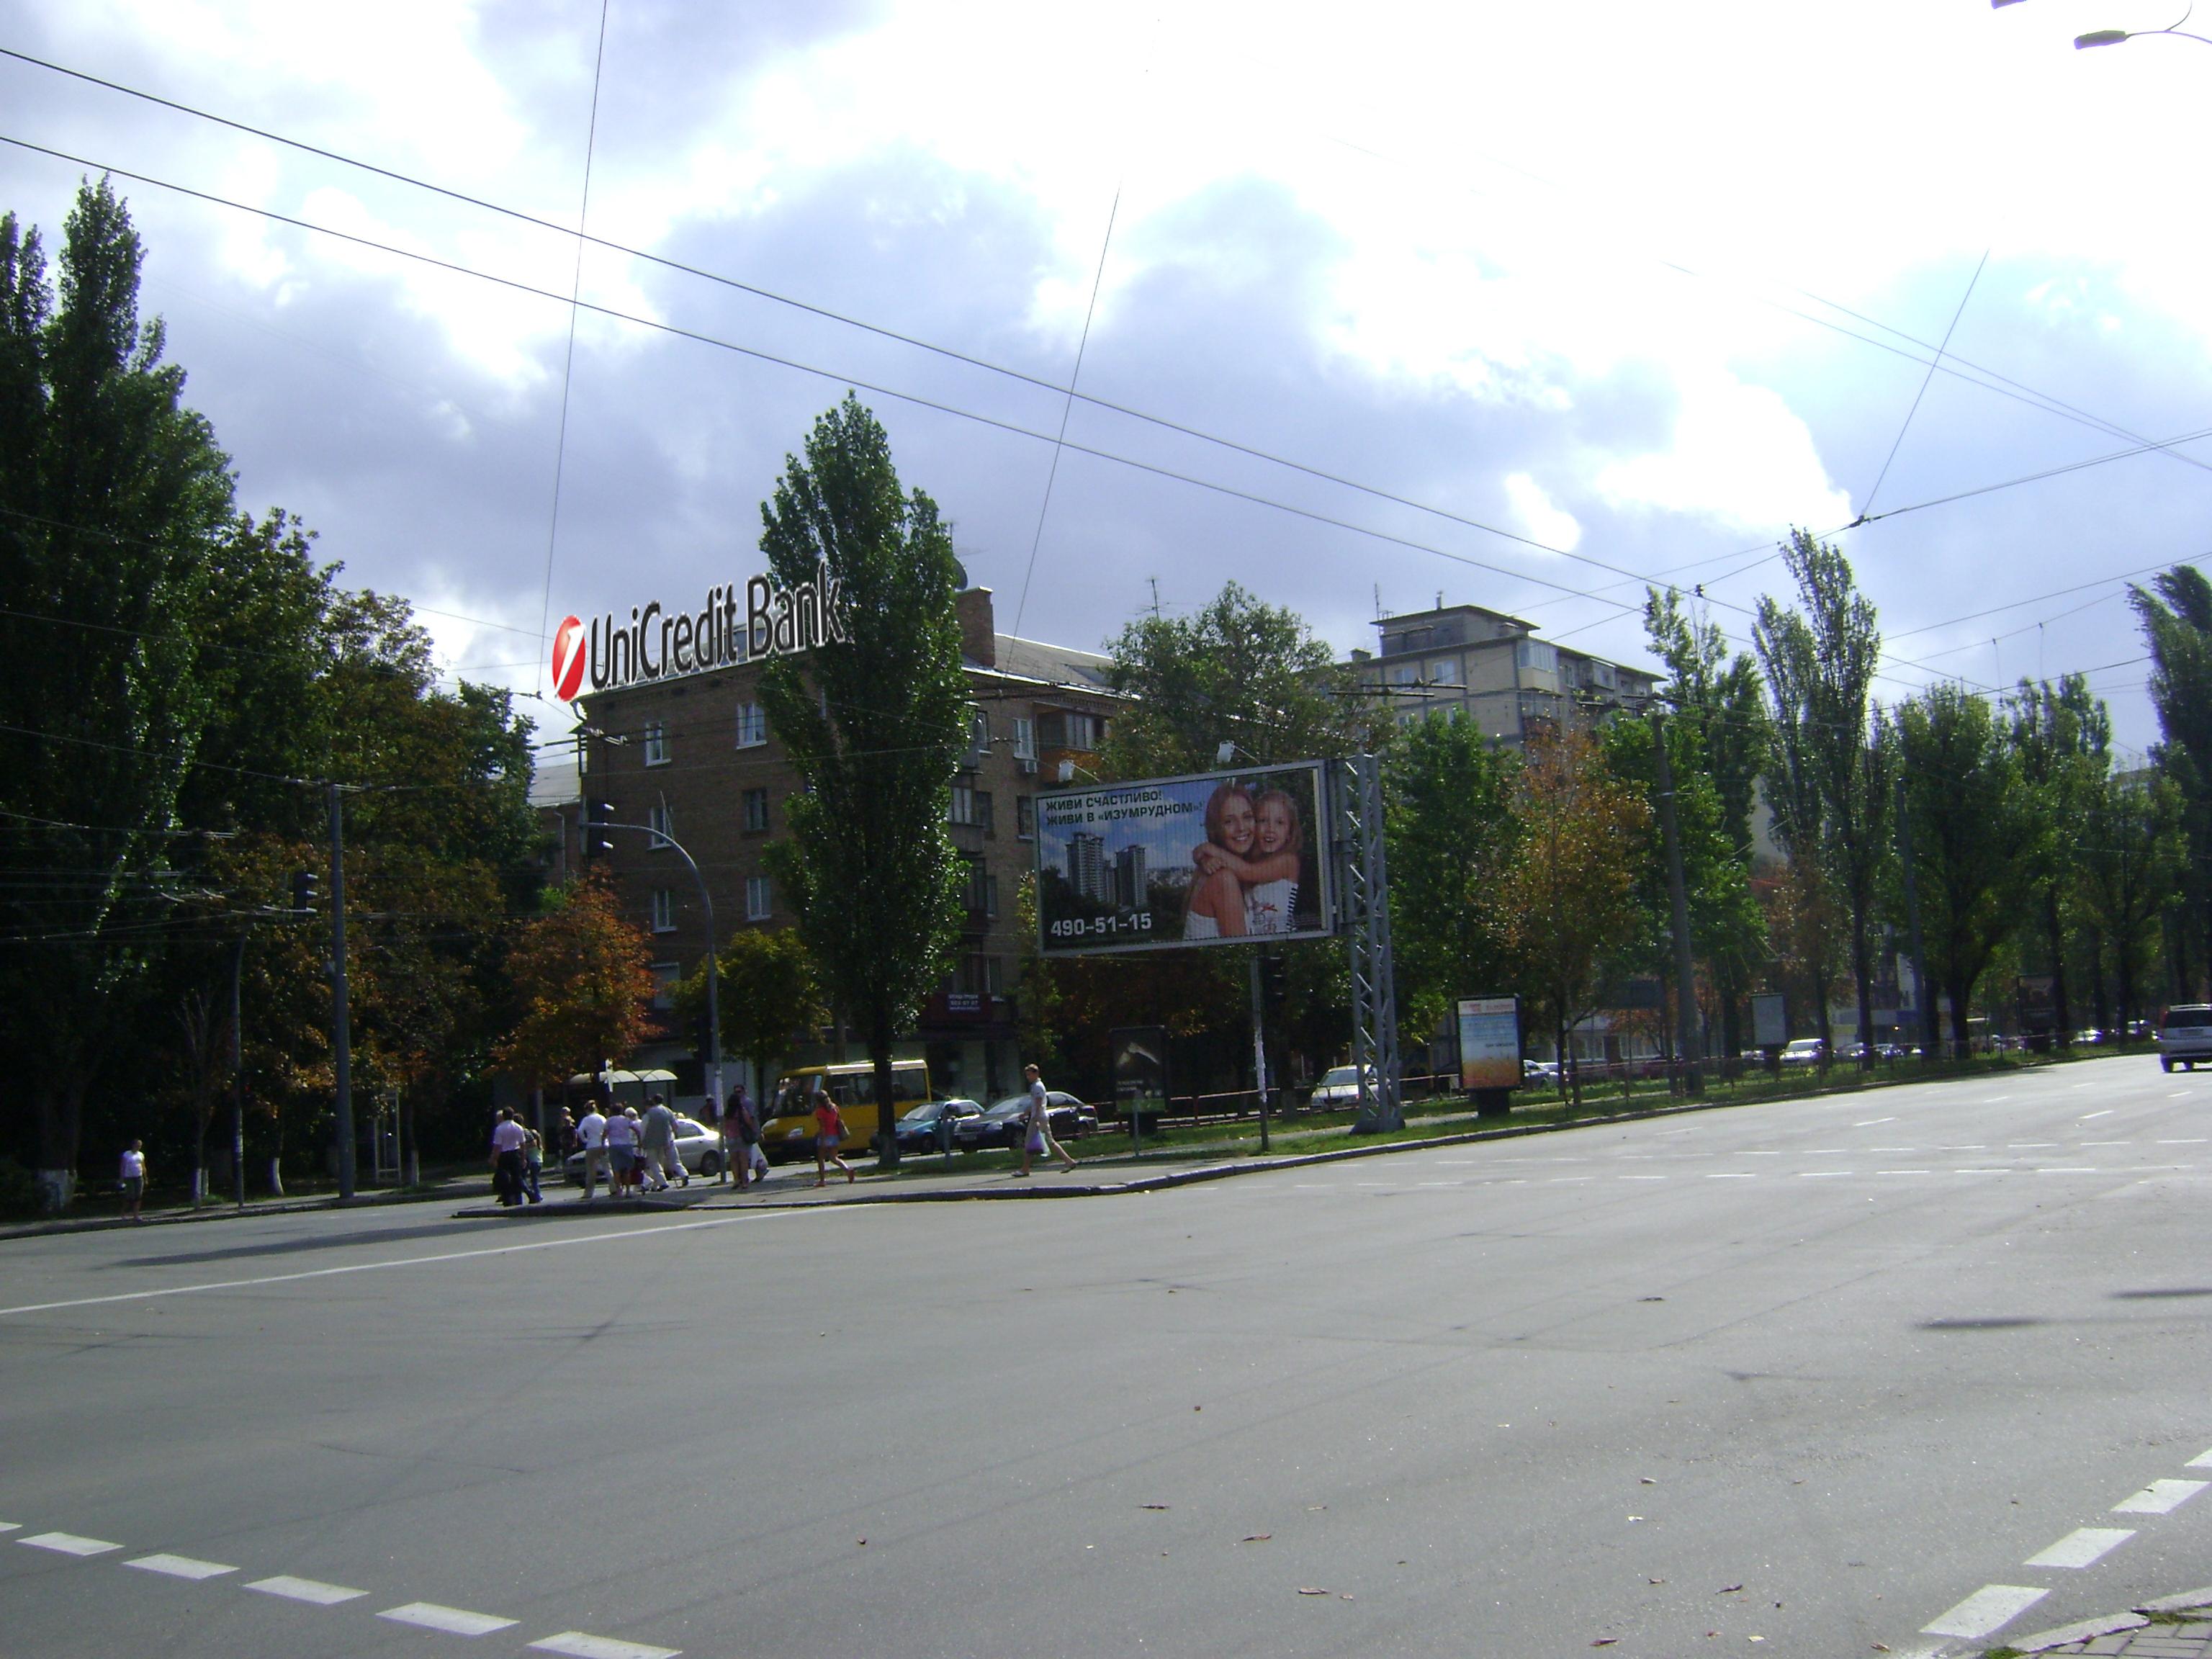 Дизайн накрышной рекламной конструкции для UniCredit Bank